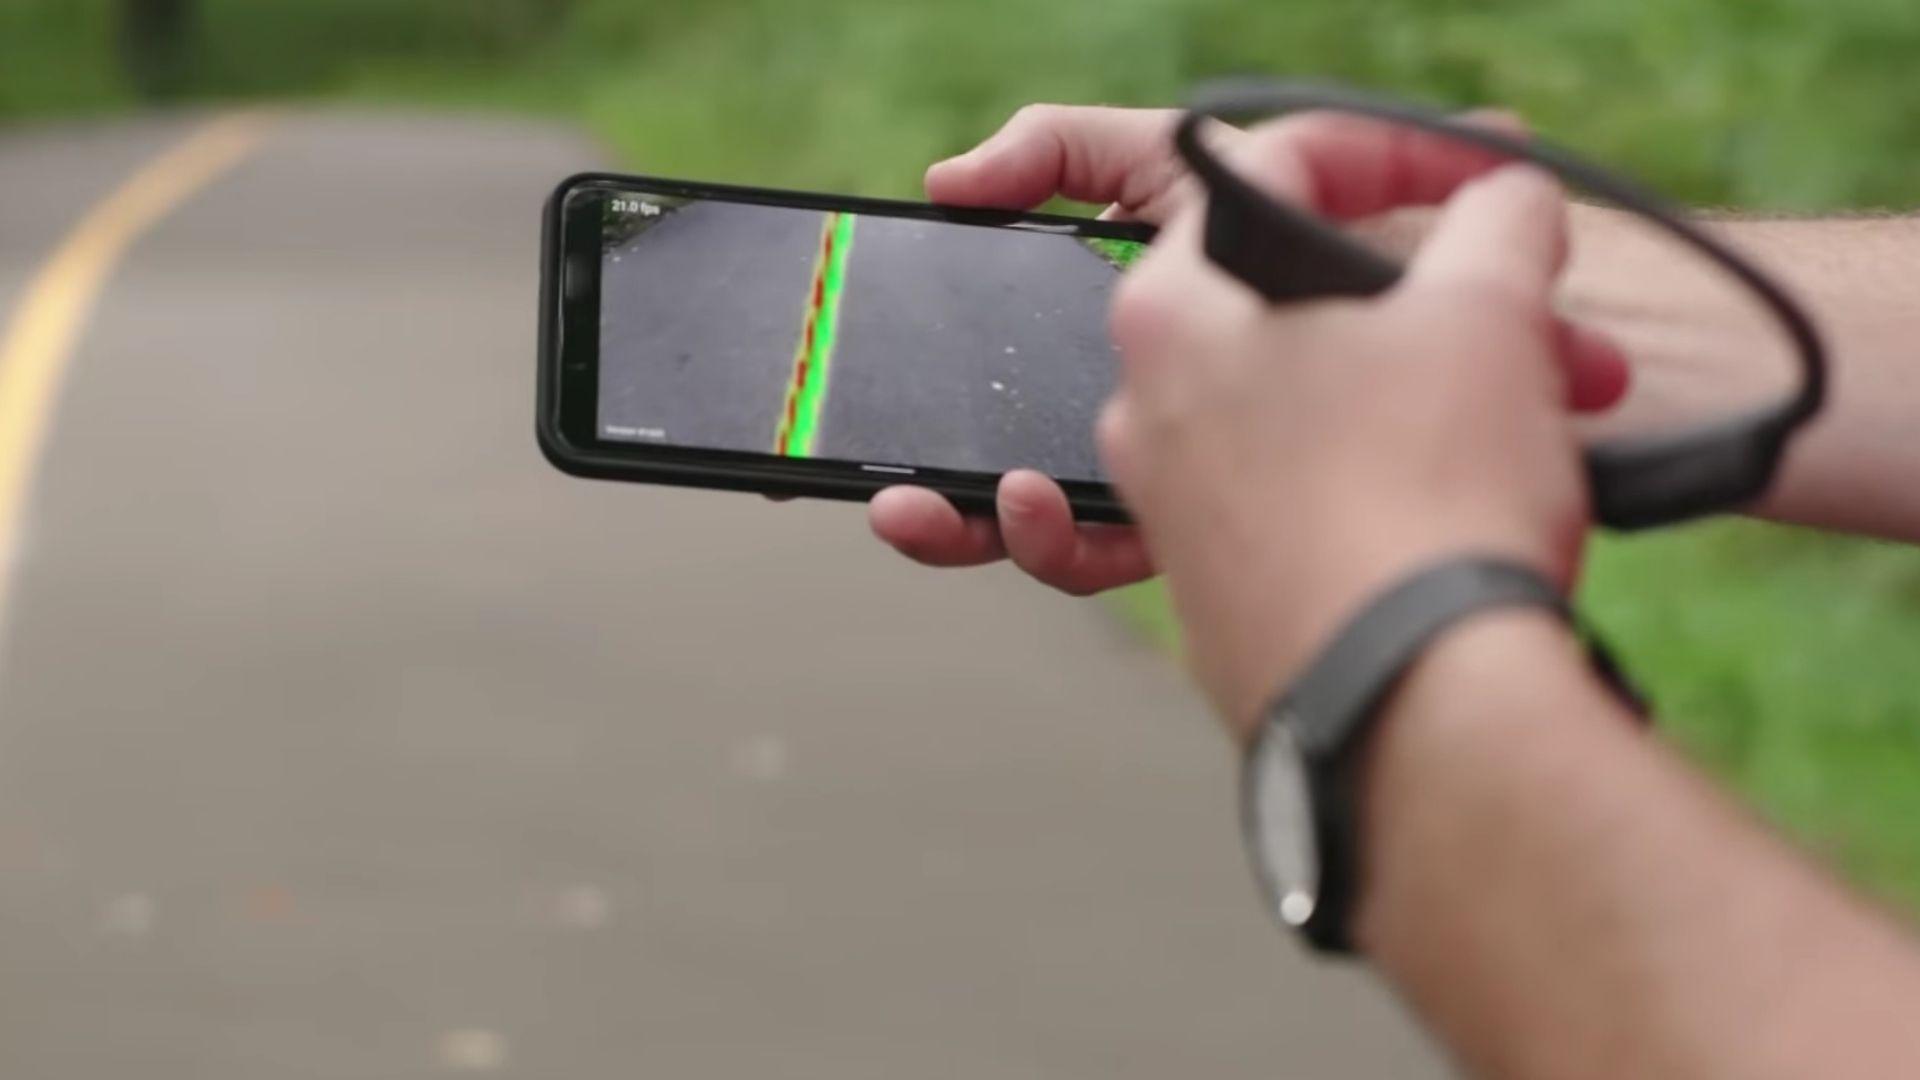 Investigadores de Google crearon un sistema de asistencia que ayuda a personas con discapacidad visual a correr, Cloud Pocket 365